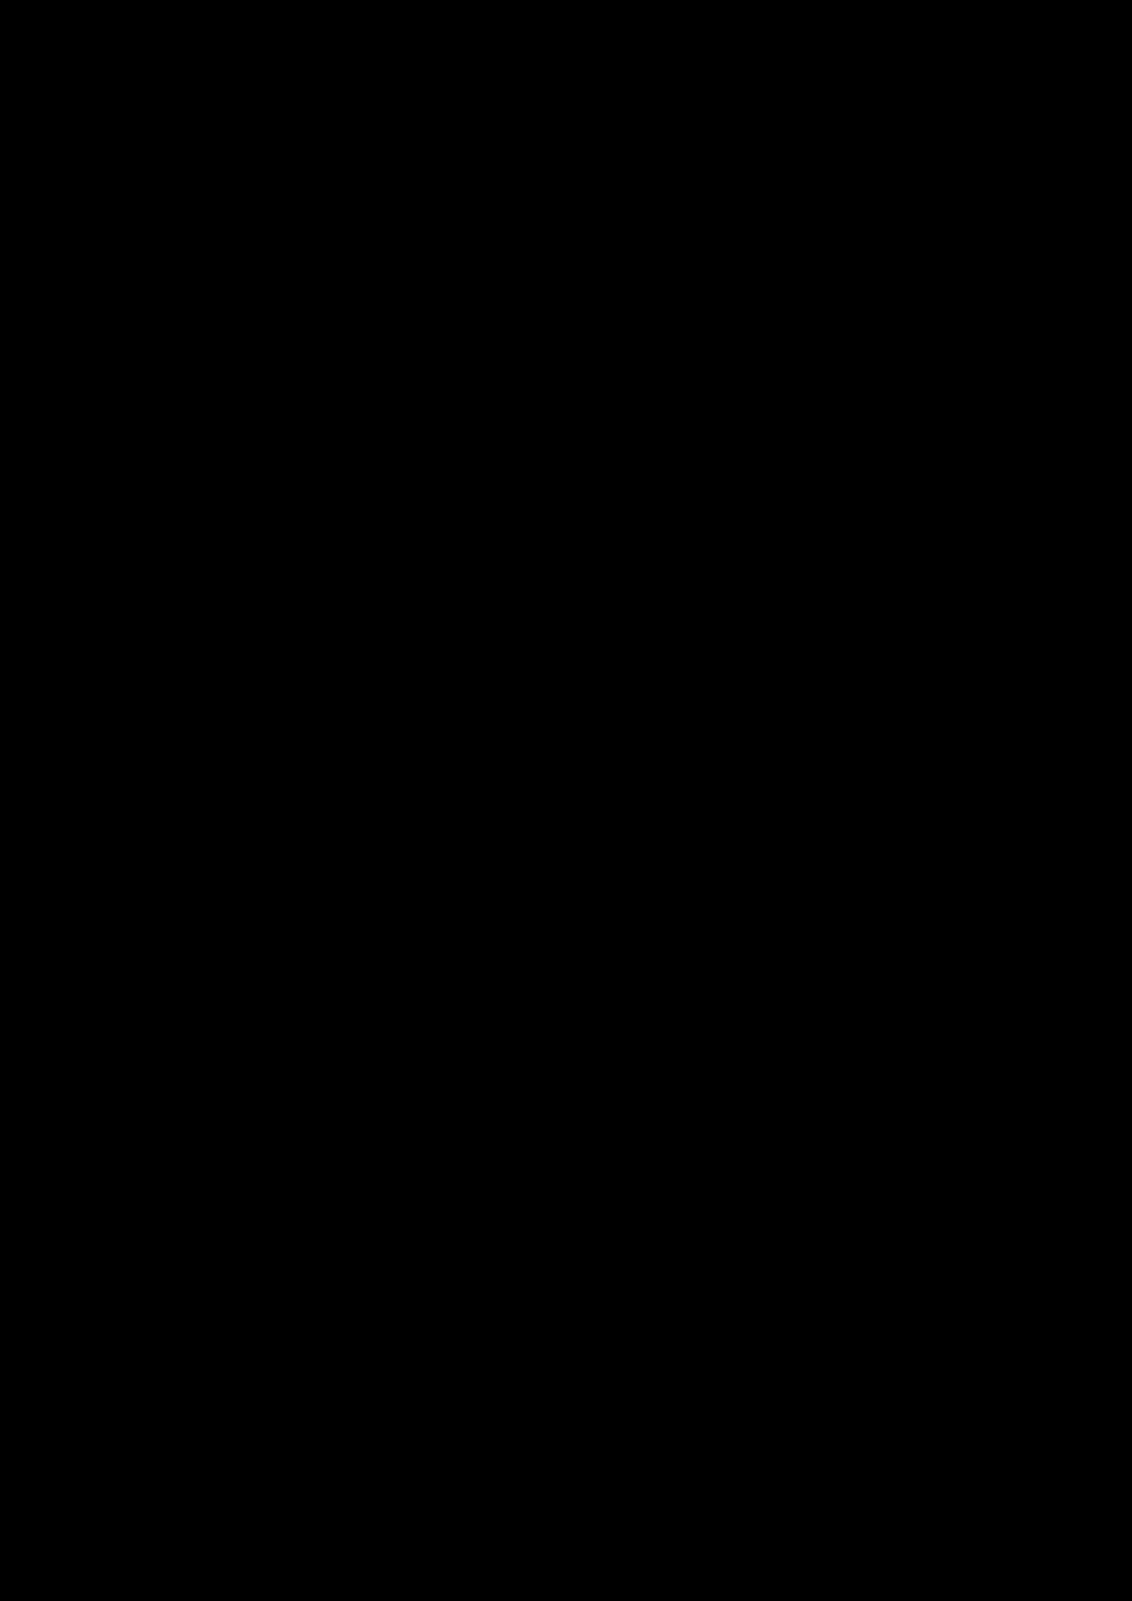 Serdtse slide, Image 77